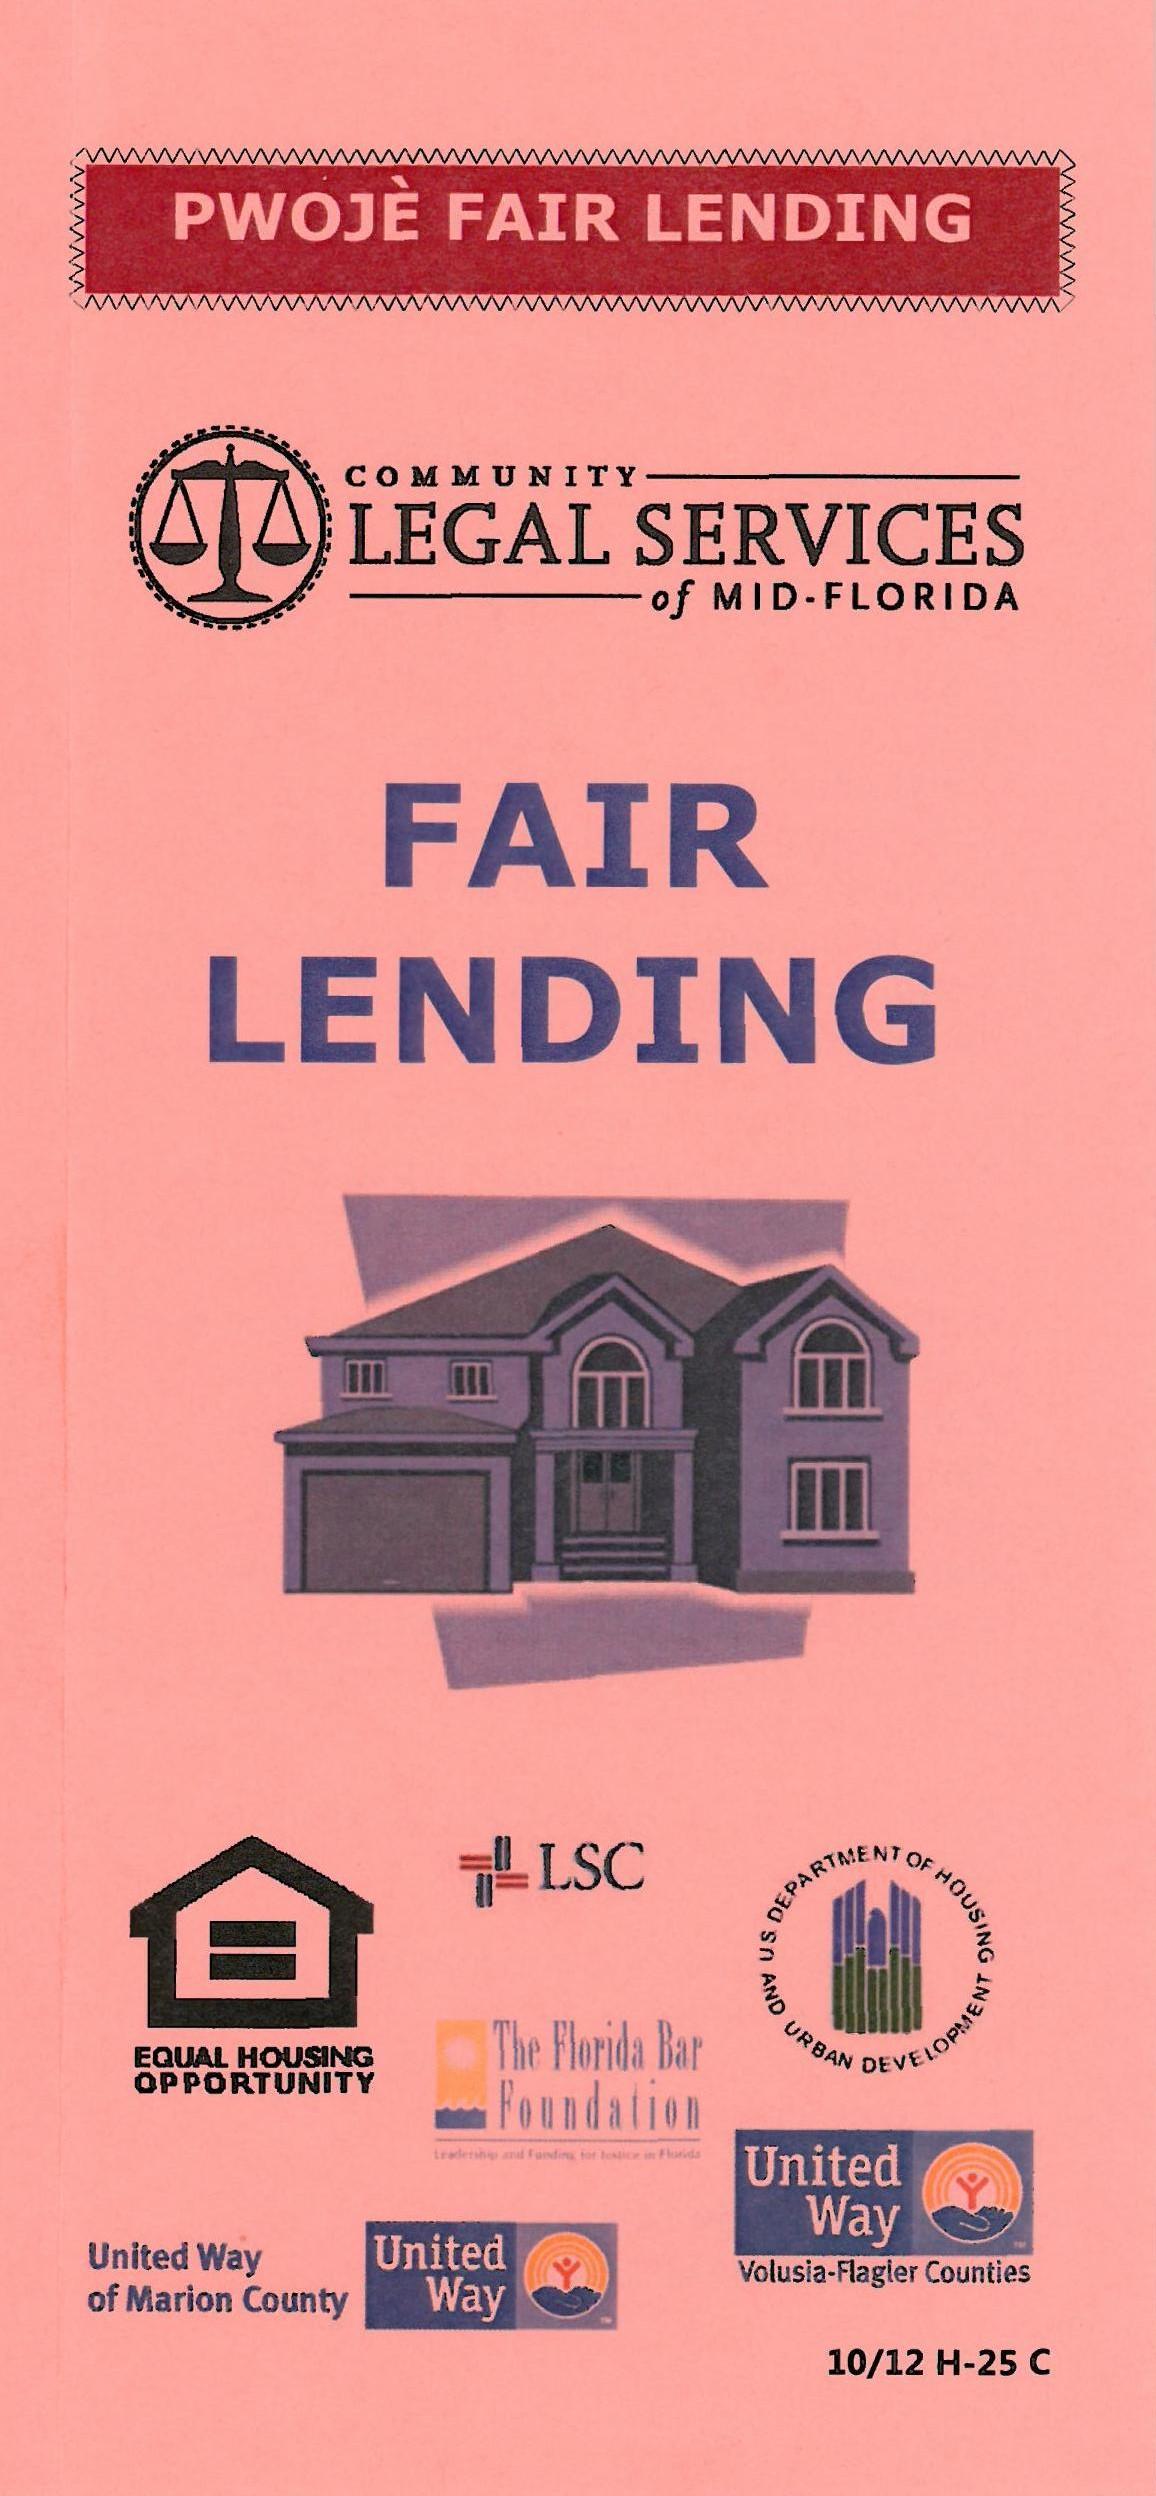 Pwoje Fair Lending